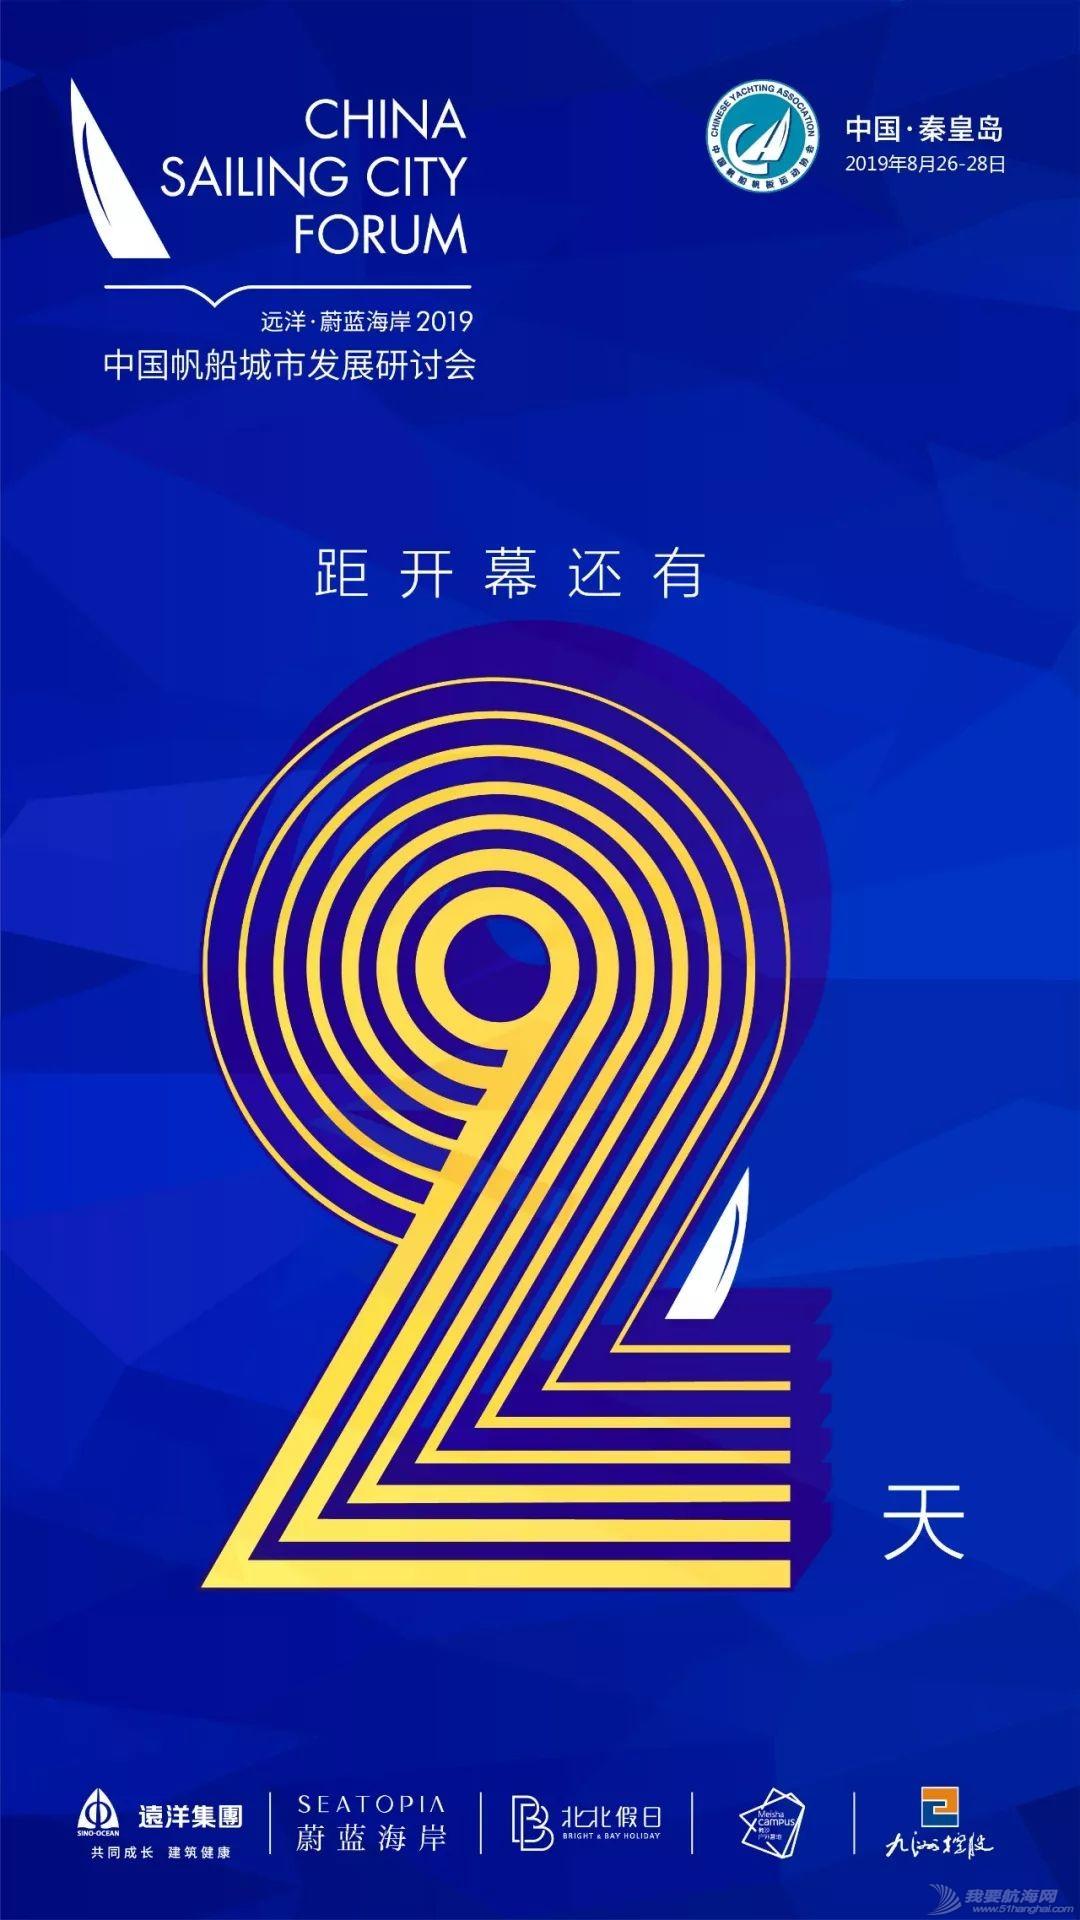 远洋·蔚蓝海岸2019中国帆船城市发展研讨会重量级演讲嘉宾阵容大曝光w1.jpg